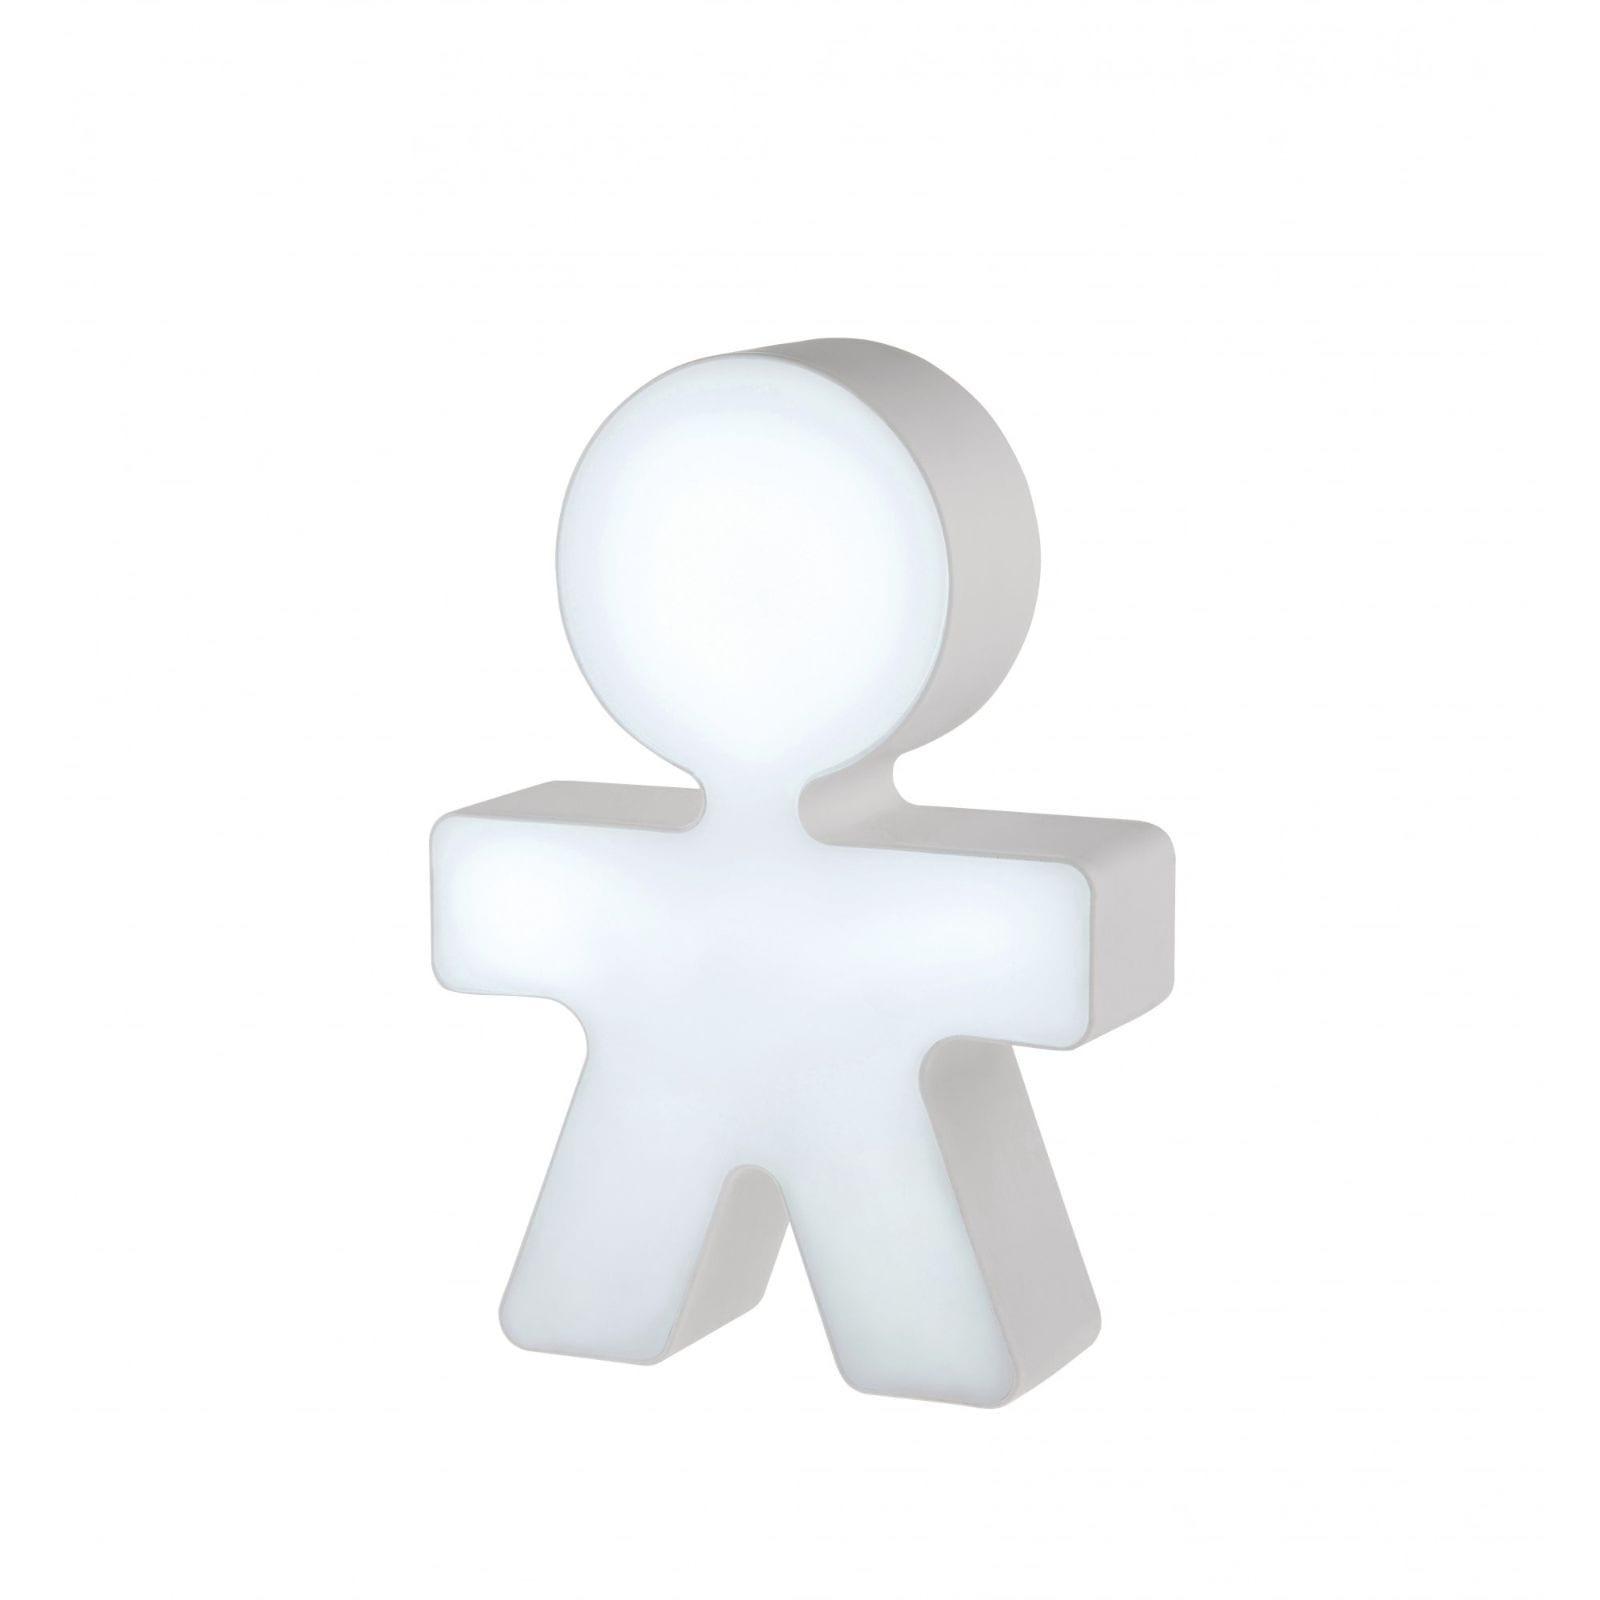 Επιτραπέζιο Φωτιστικό Led Girotondo (Λευκό) - Alessi